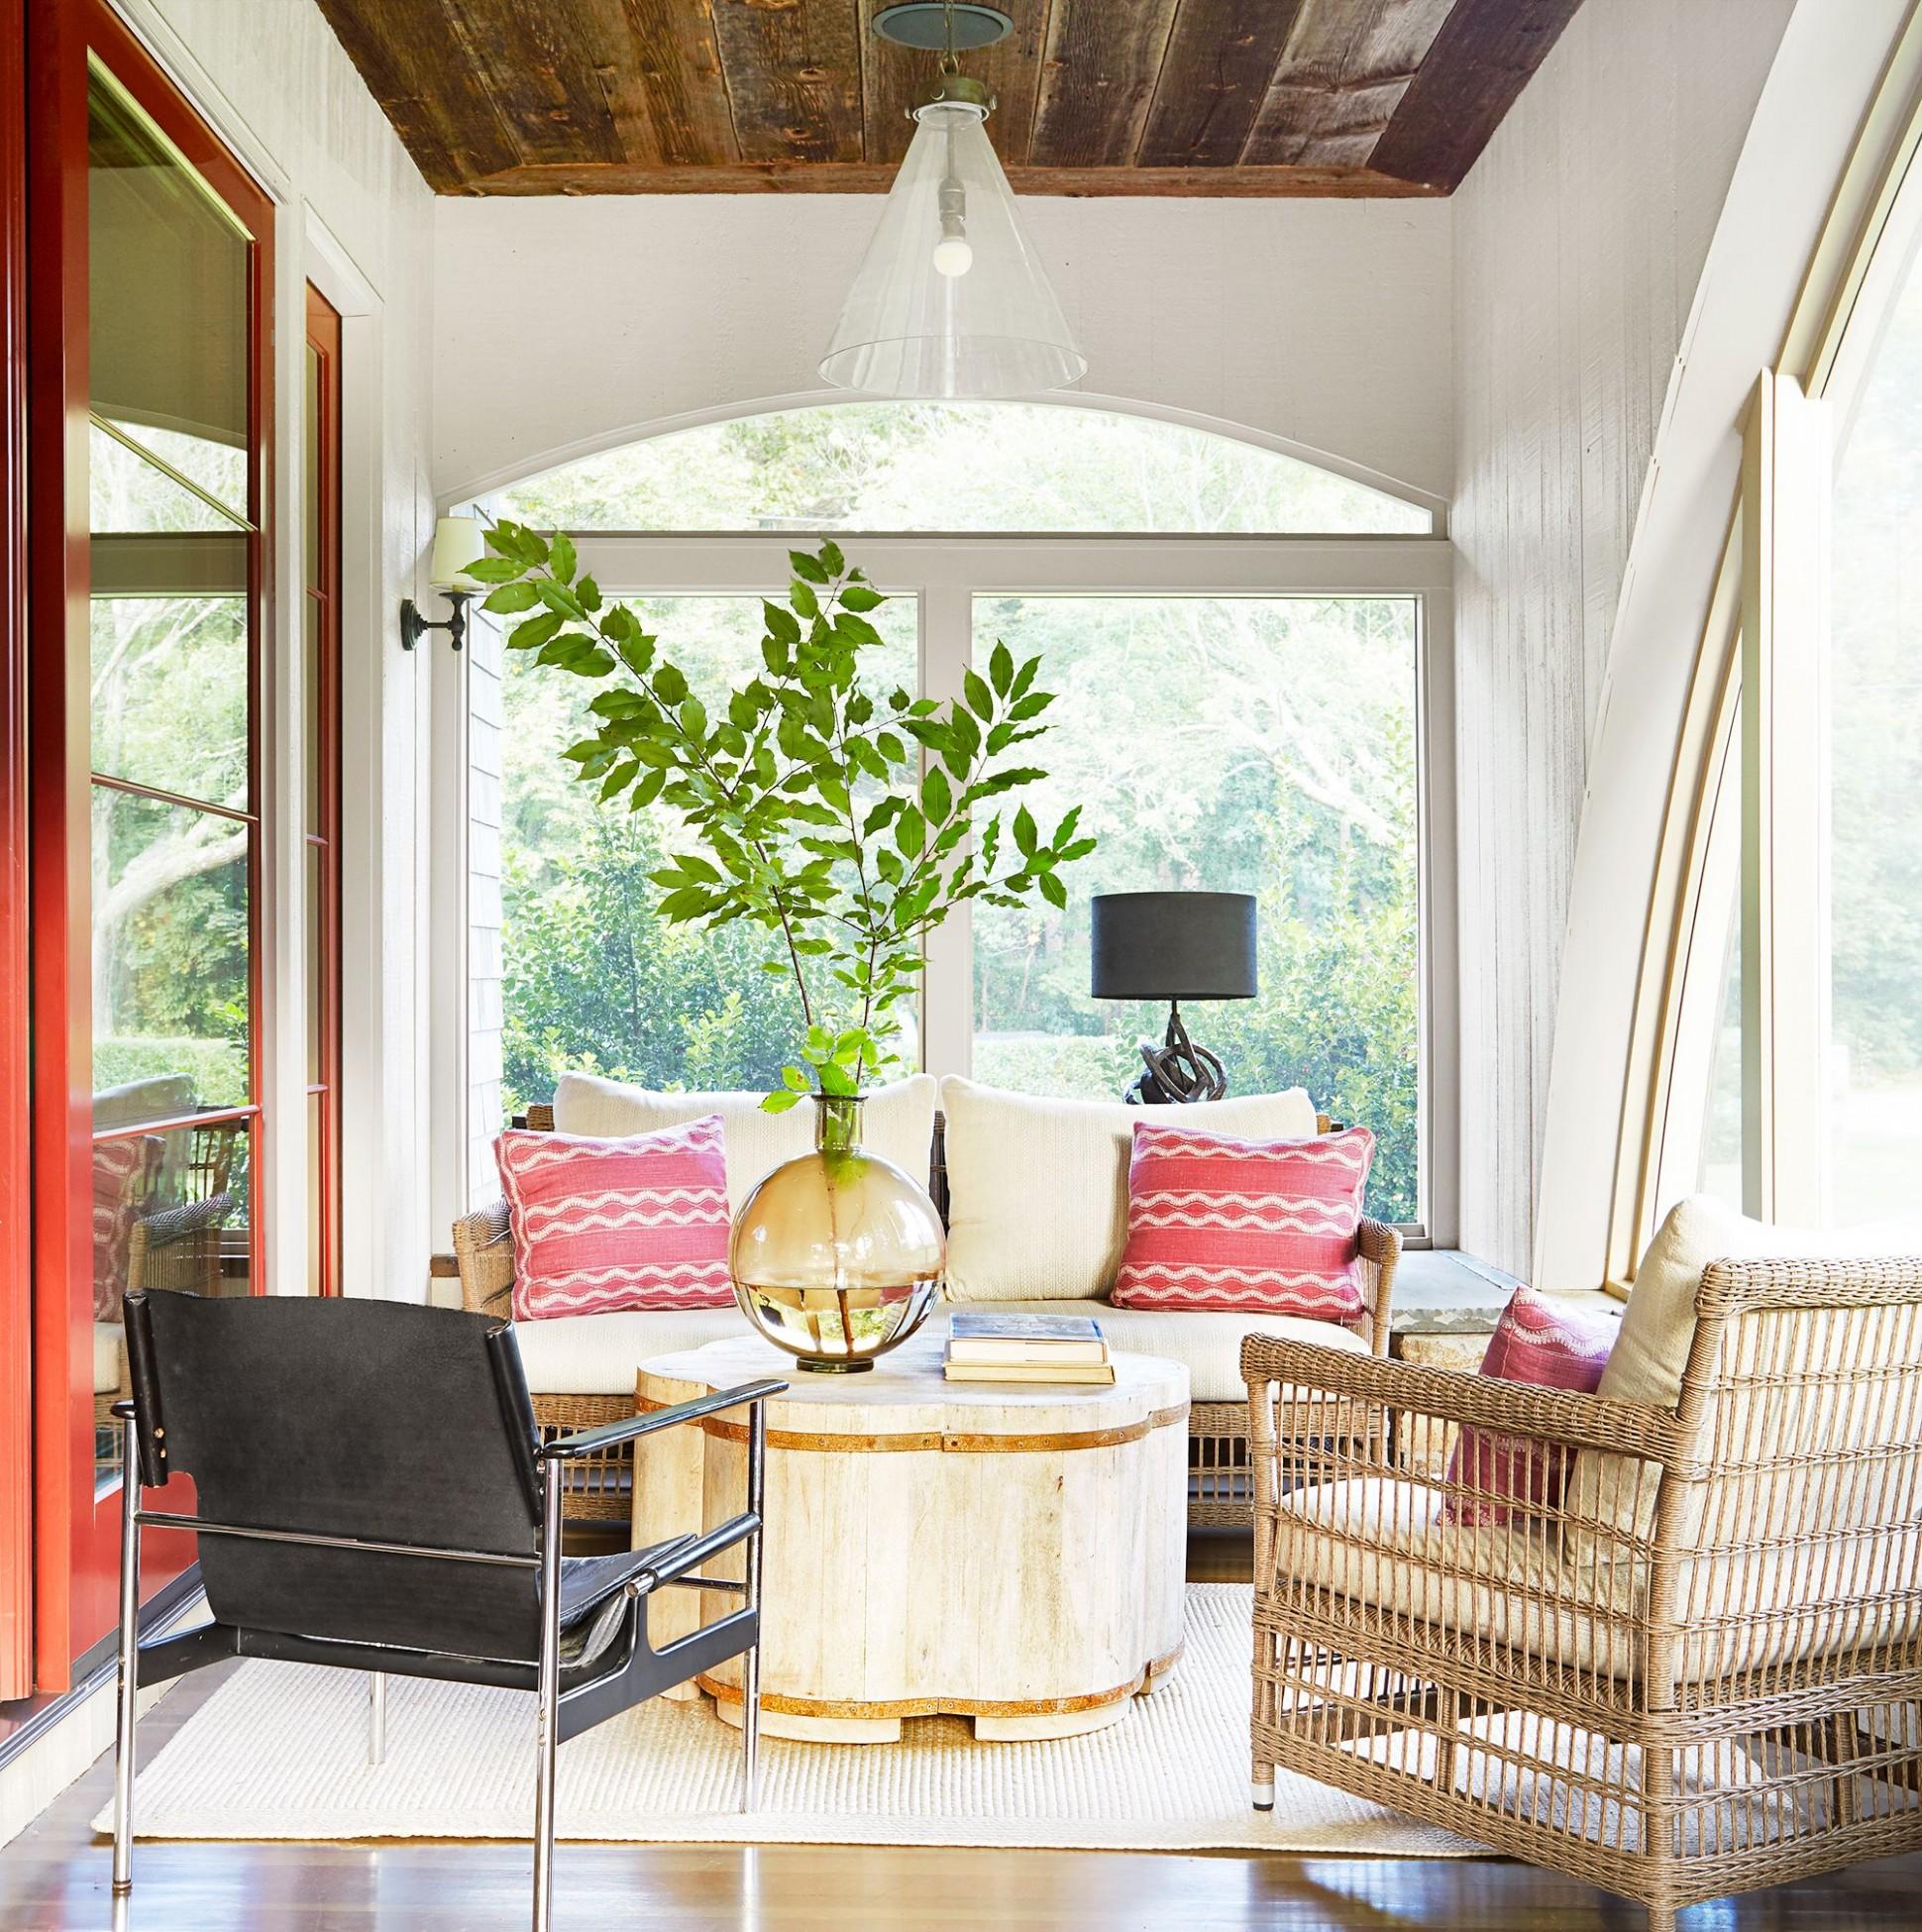 11 Pretty Sunroom Ideas - Chic Designs & Decor for Screened In Porches - Small Sunroom Off Bedroom